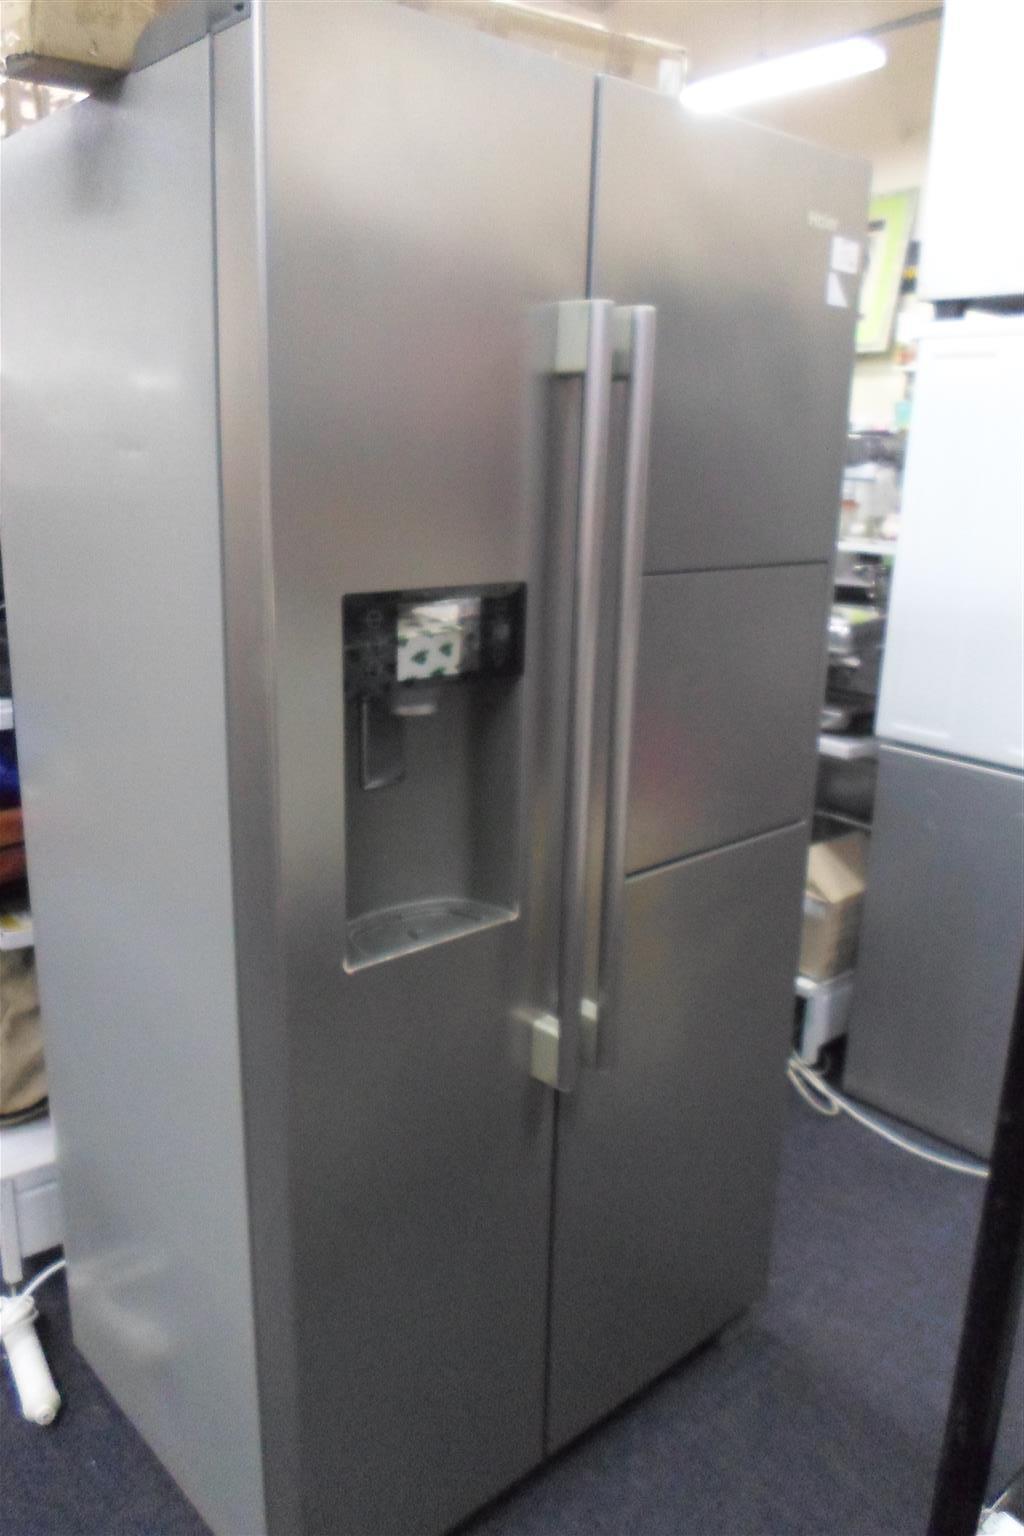 Haier Fridge / Freezer - B033047254-1